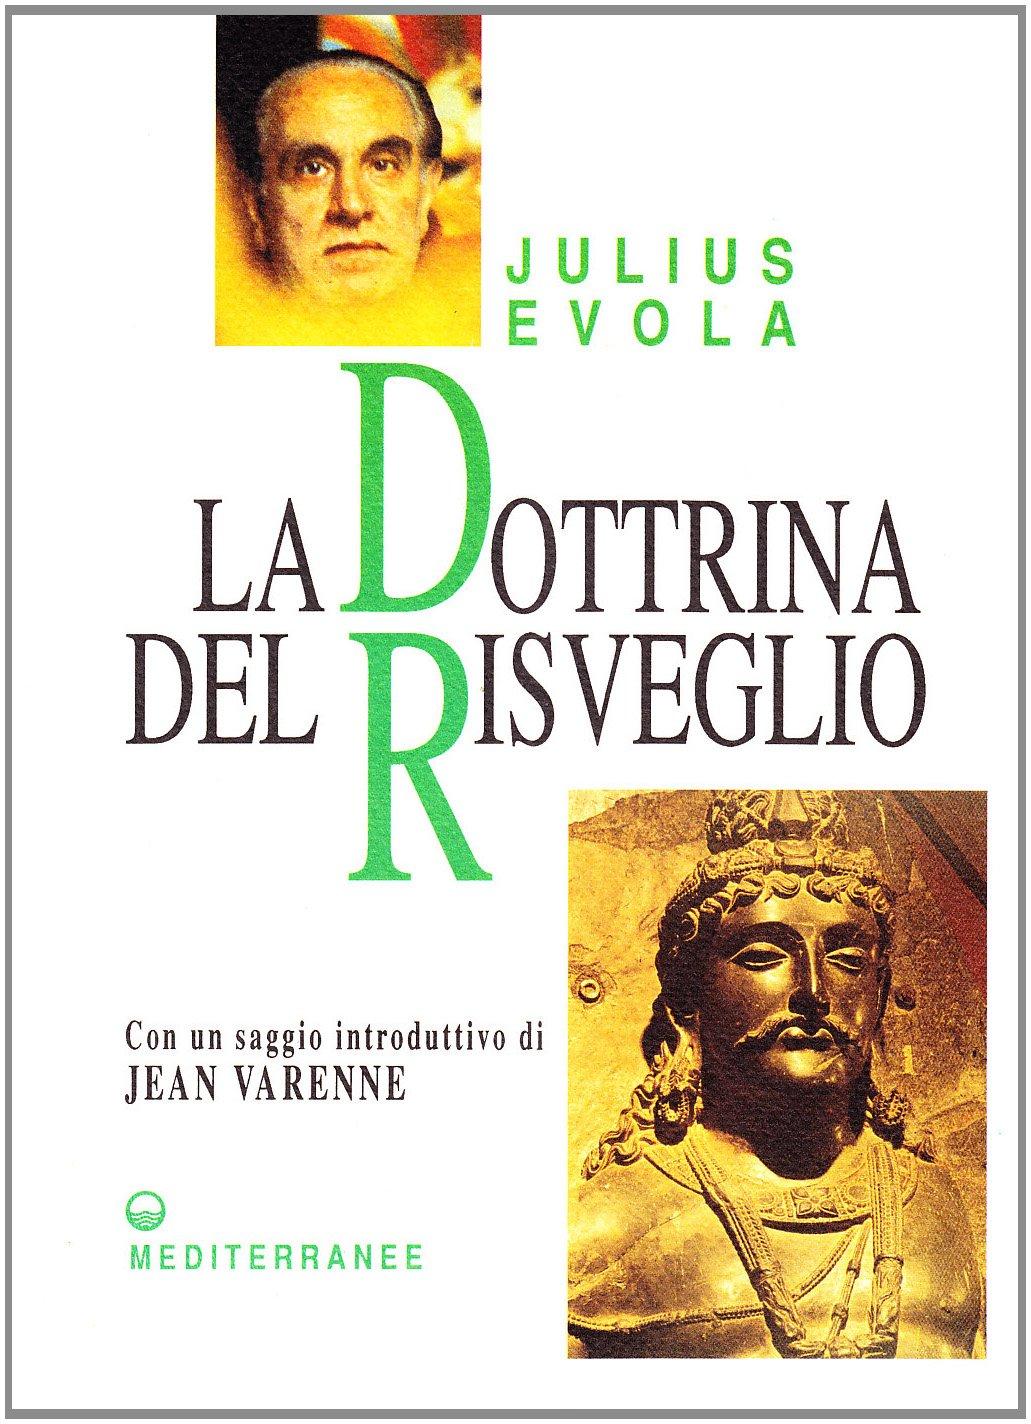 La dottrina del risveglio Copertina flessibile – 1 mar 1995 Julius Evola G. De Turris Edizioni Mediterranee 8827210881